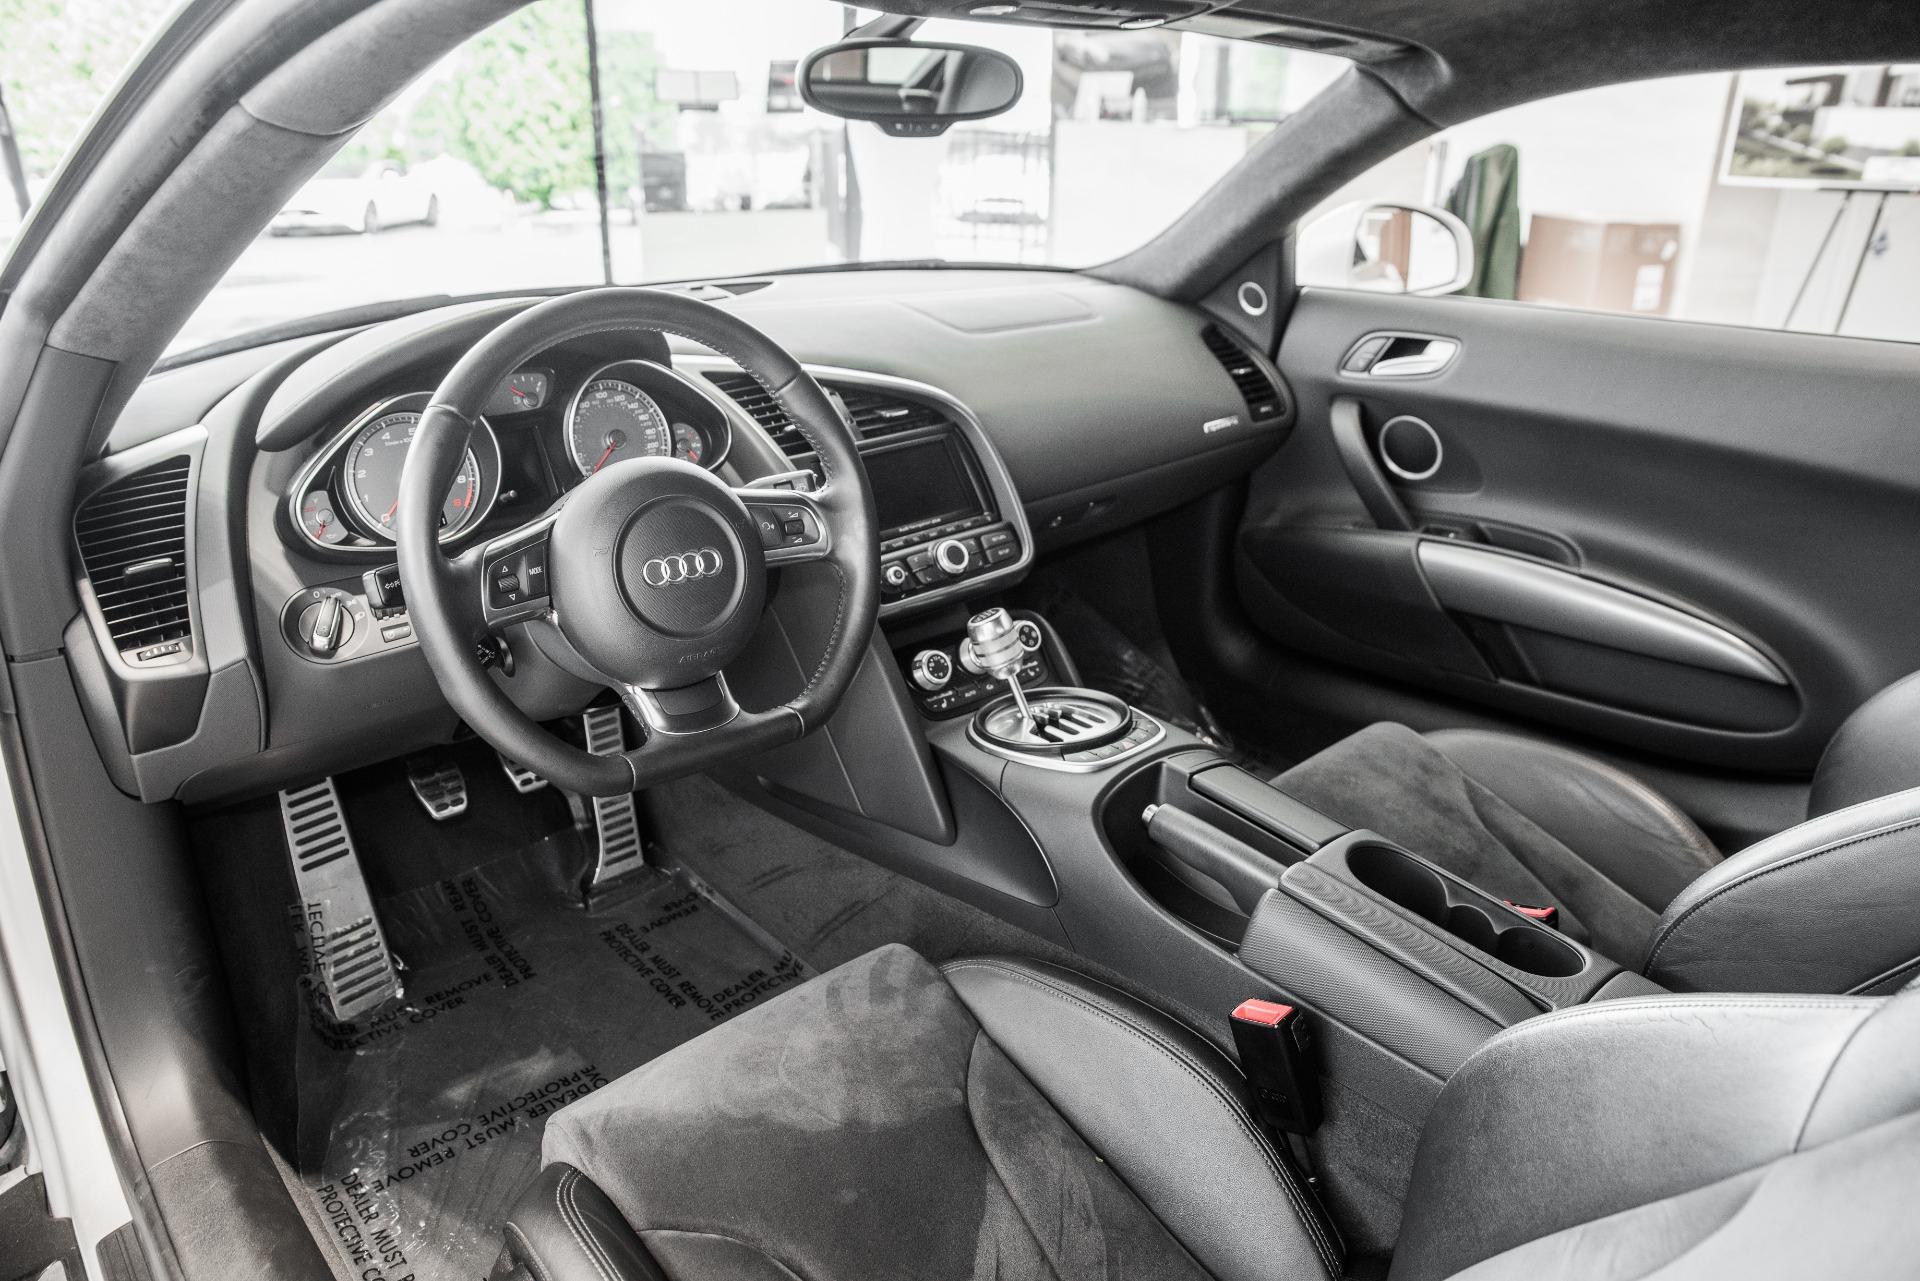 Used-2009-Audi-R8-quattro